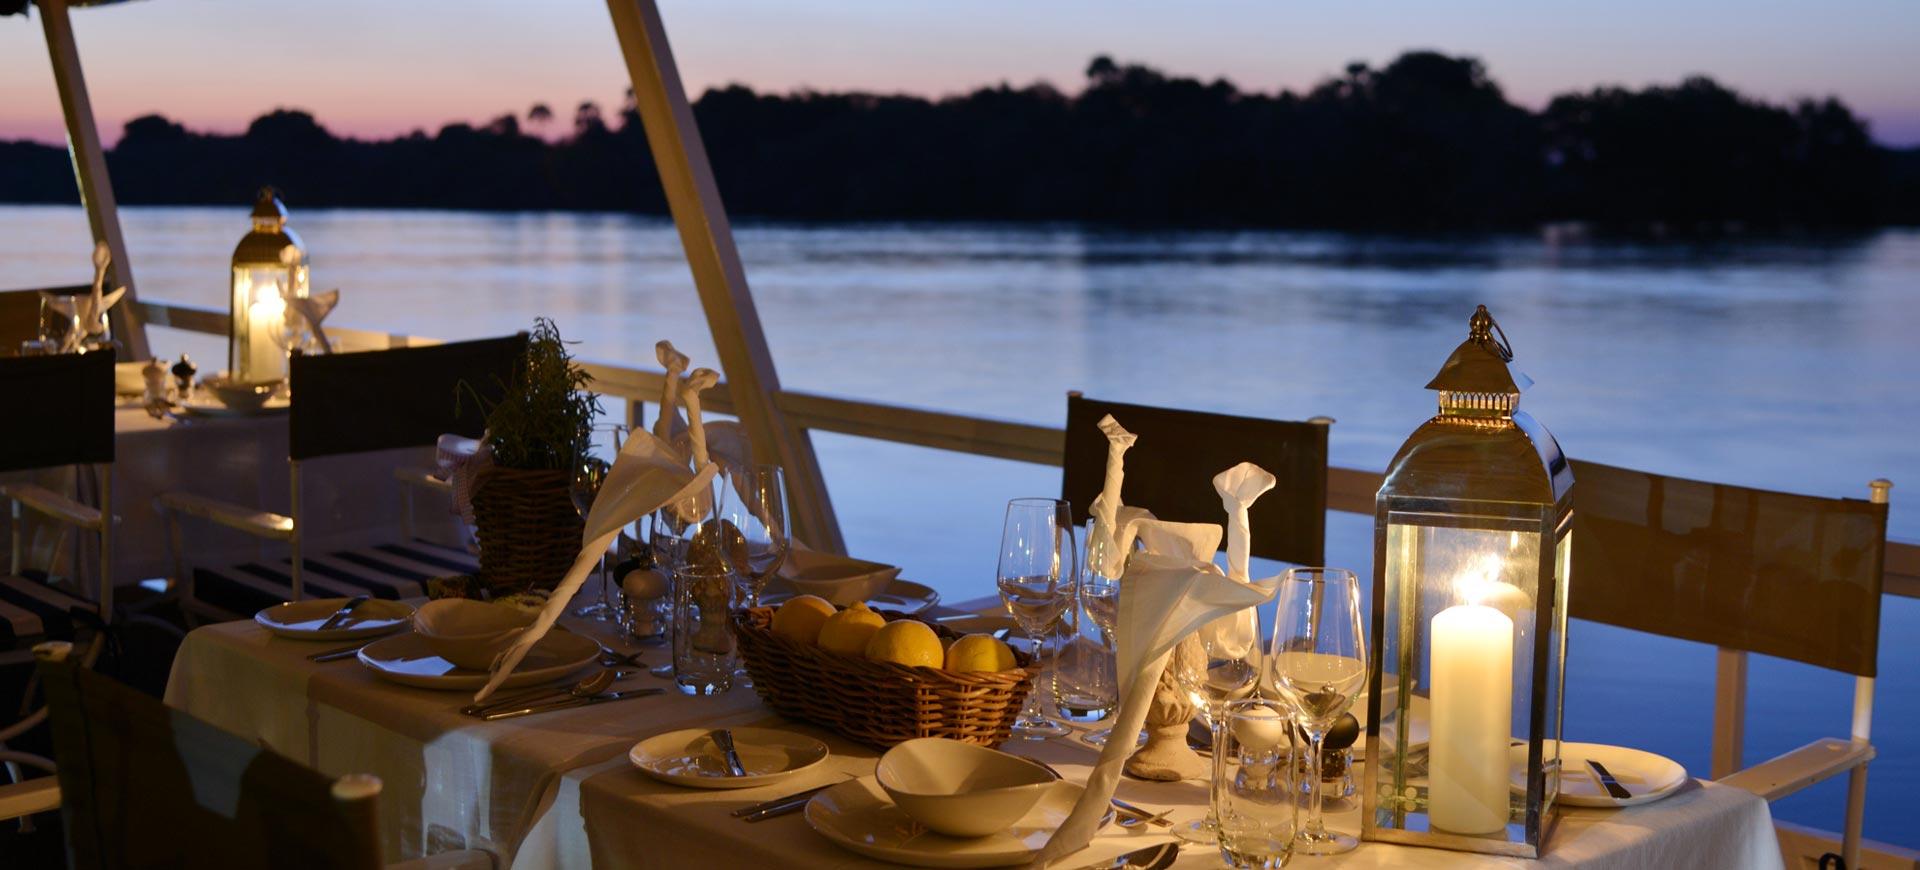 Zambezi River Conference Dinner Cruise Victoria Falls